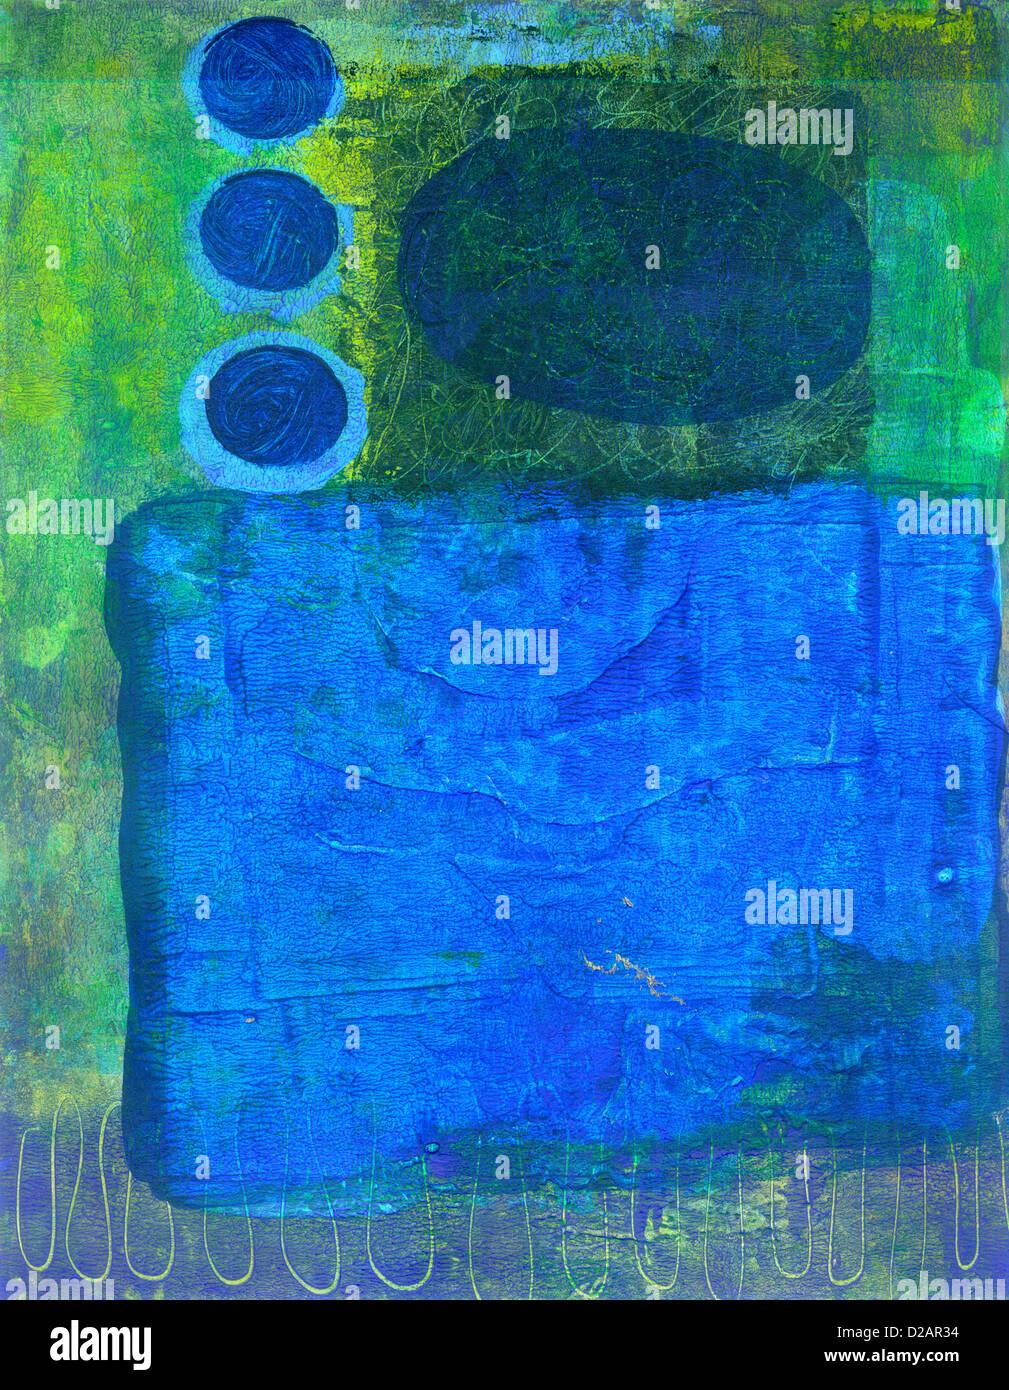 Una pittura astratta Immagini Stock